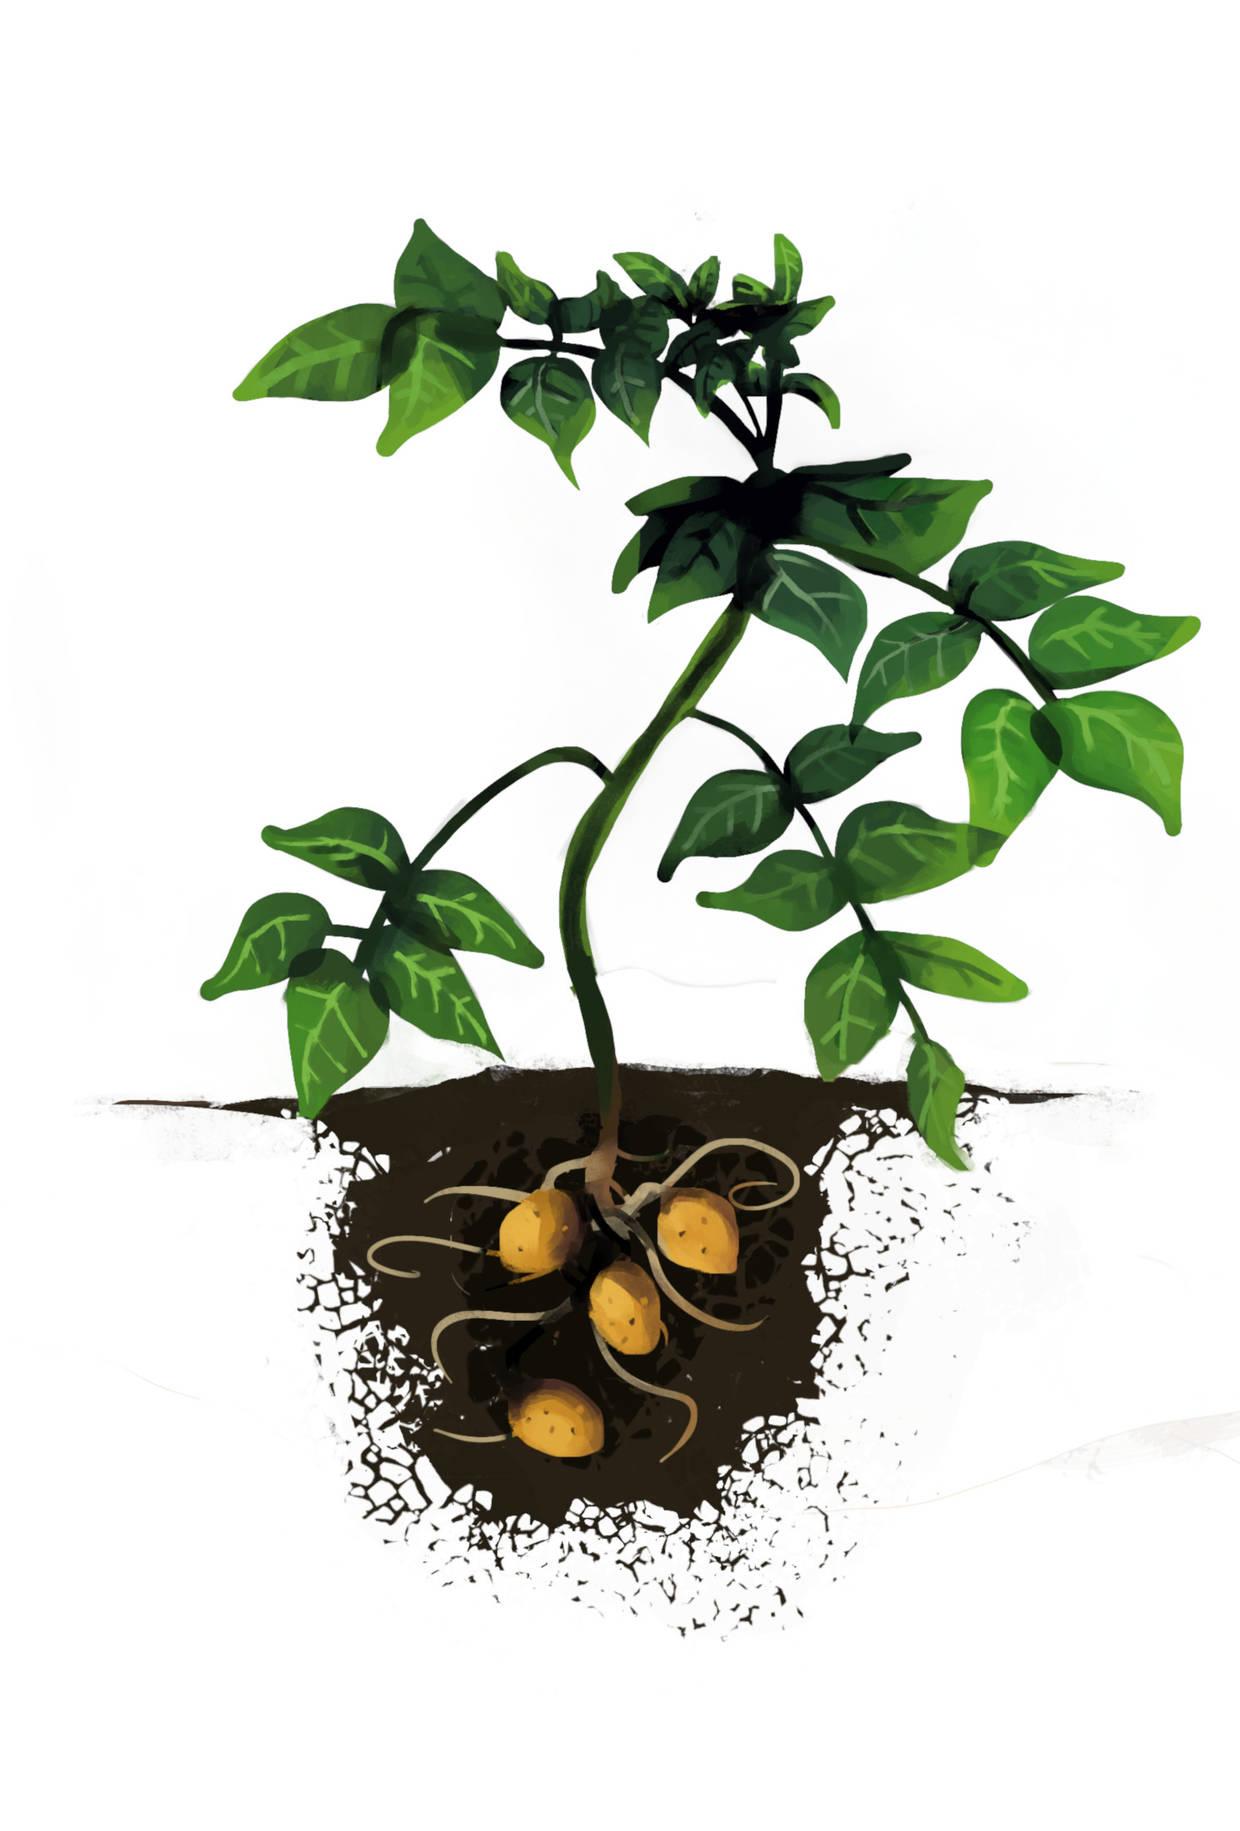 kartoffelpflanze-im_Licht.jpg